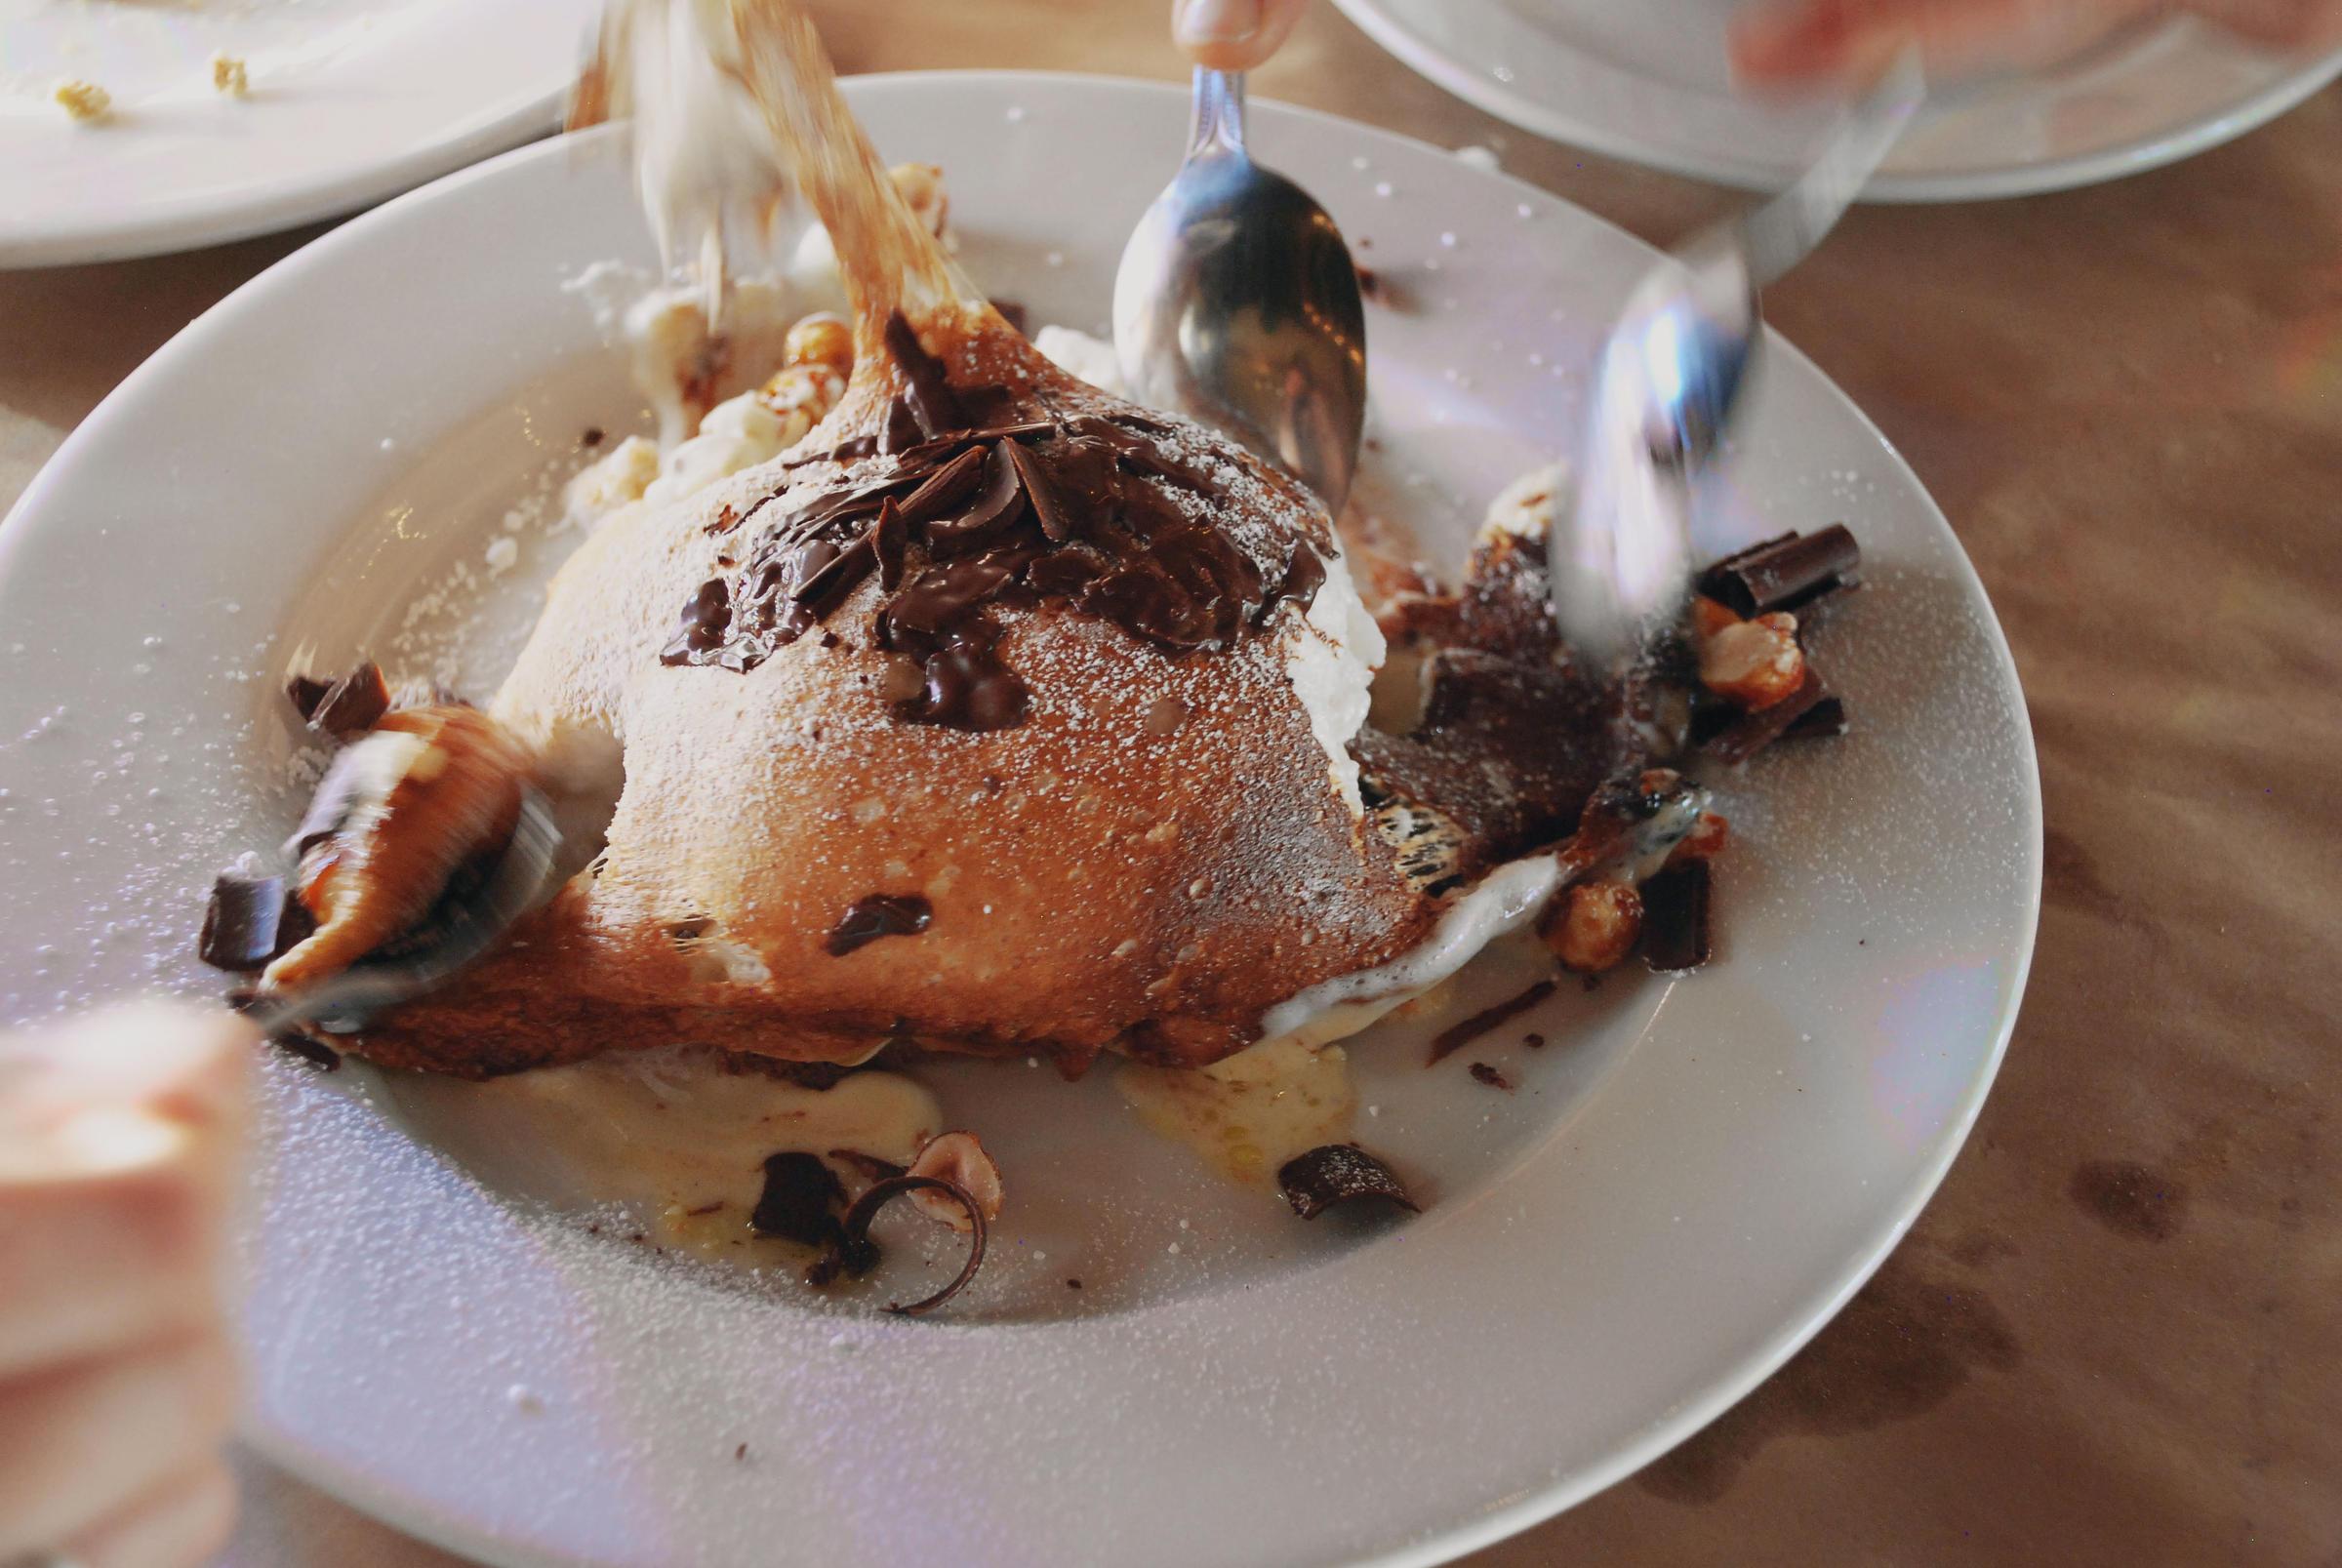 6-ember-restaurant-marshmallow.jpg